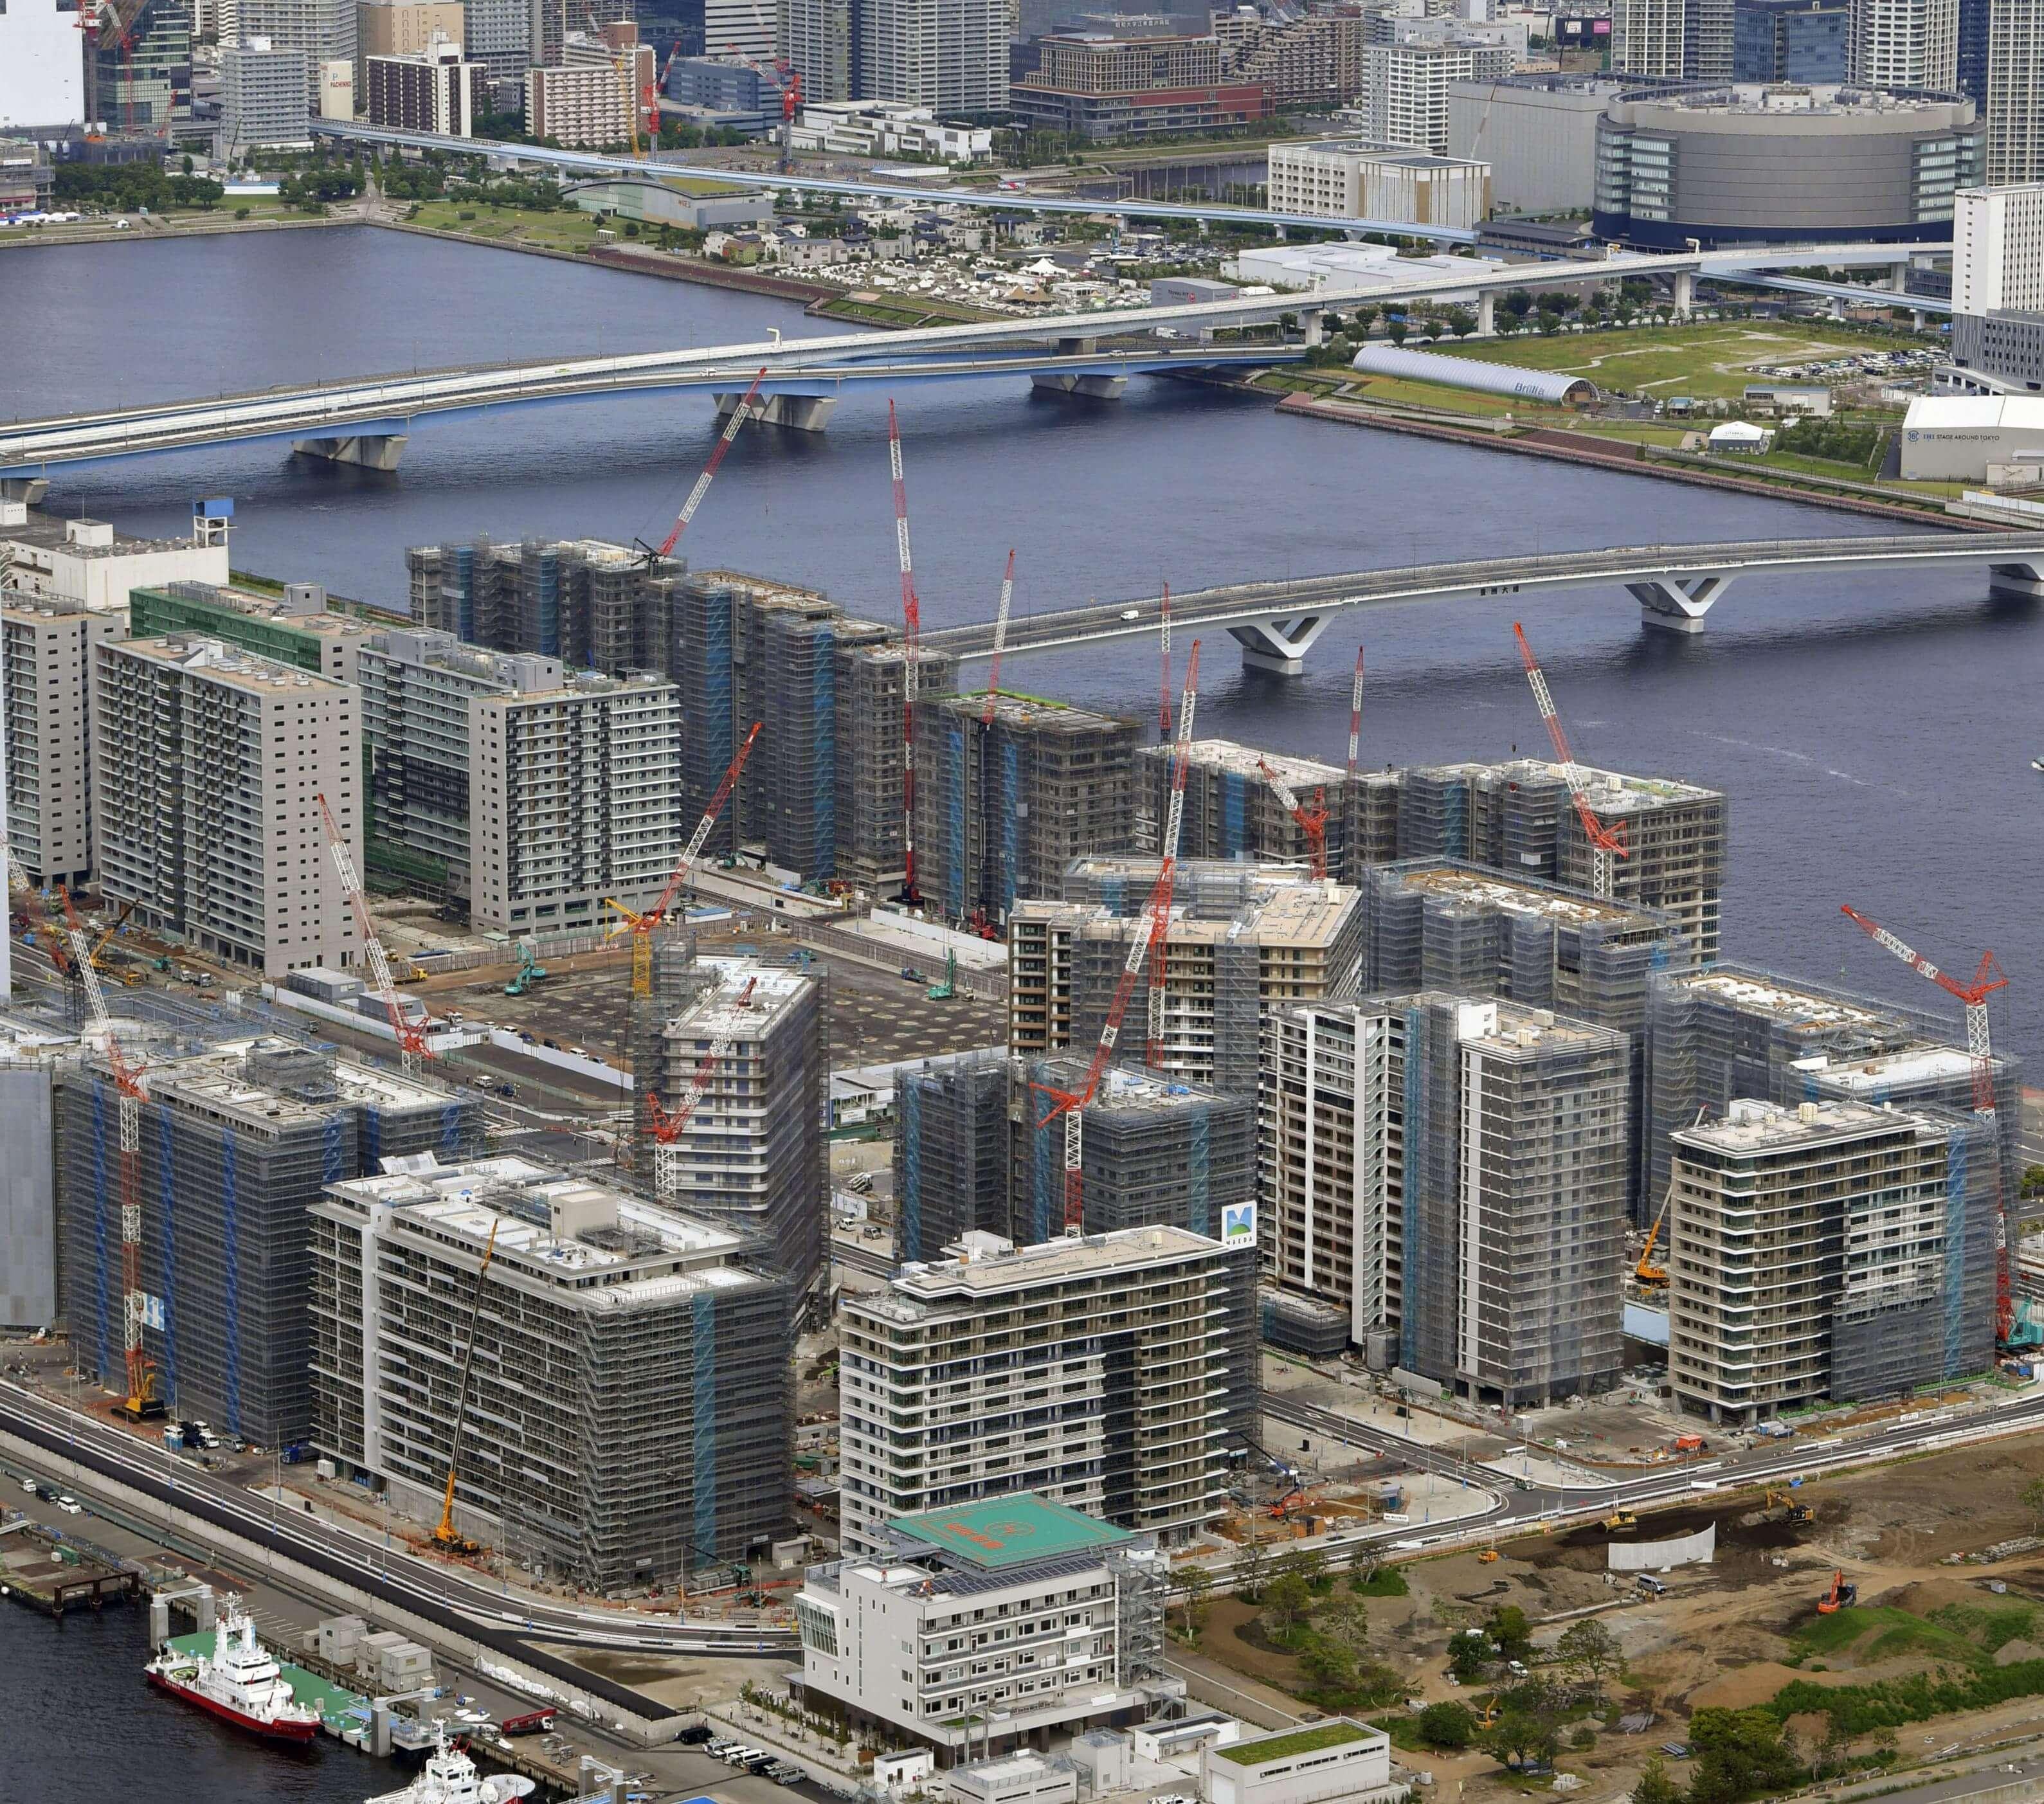 三井不動產Residential規劃每棟建築的棟距與角度配置,住戶不用爬到高樓層也能享受東京灣景觀。(檔案照片/共同社提供)